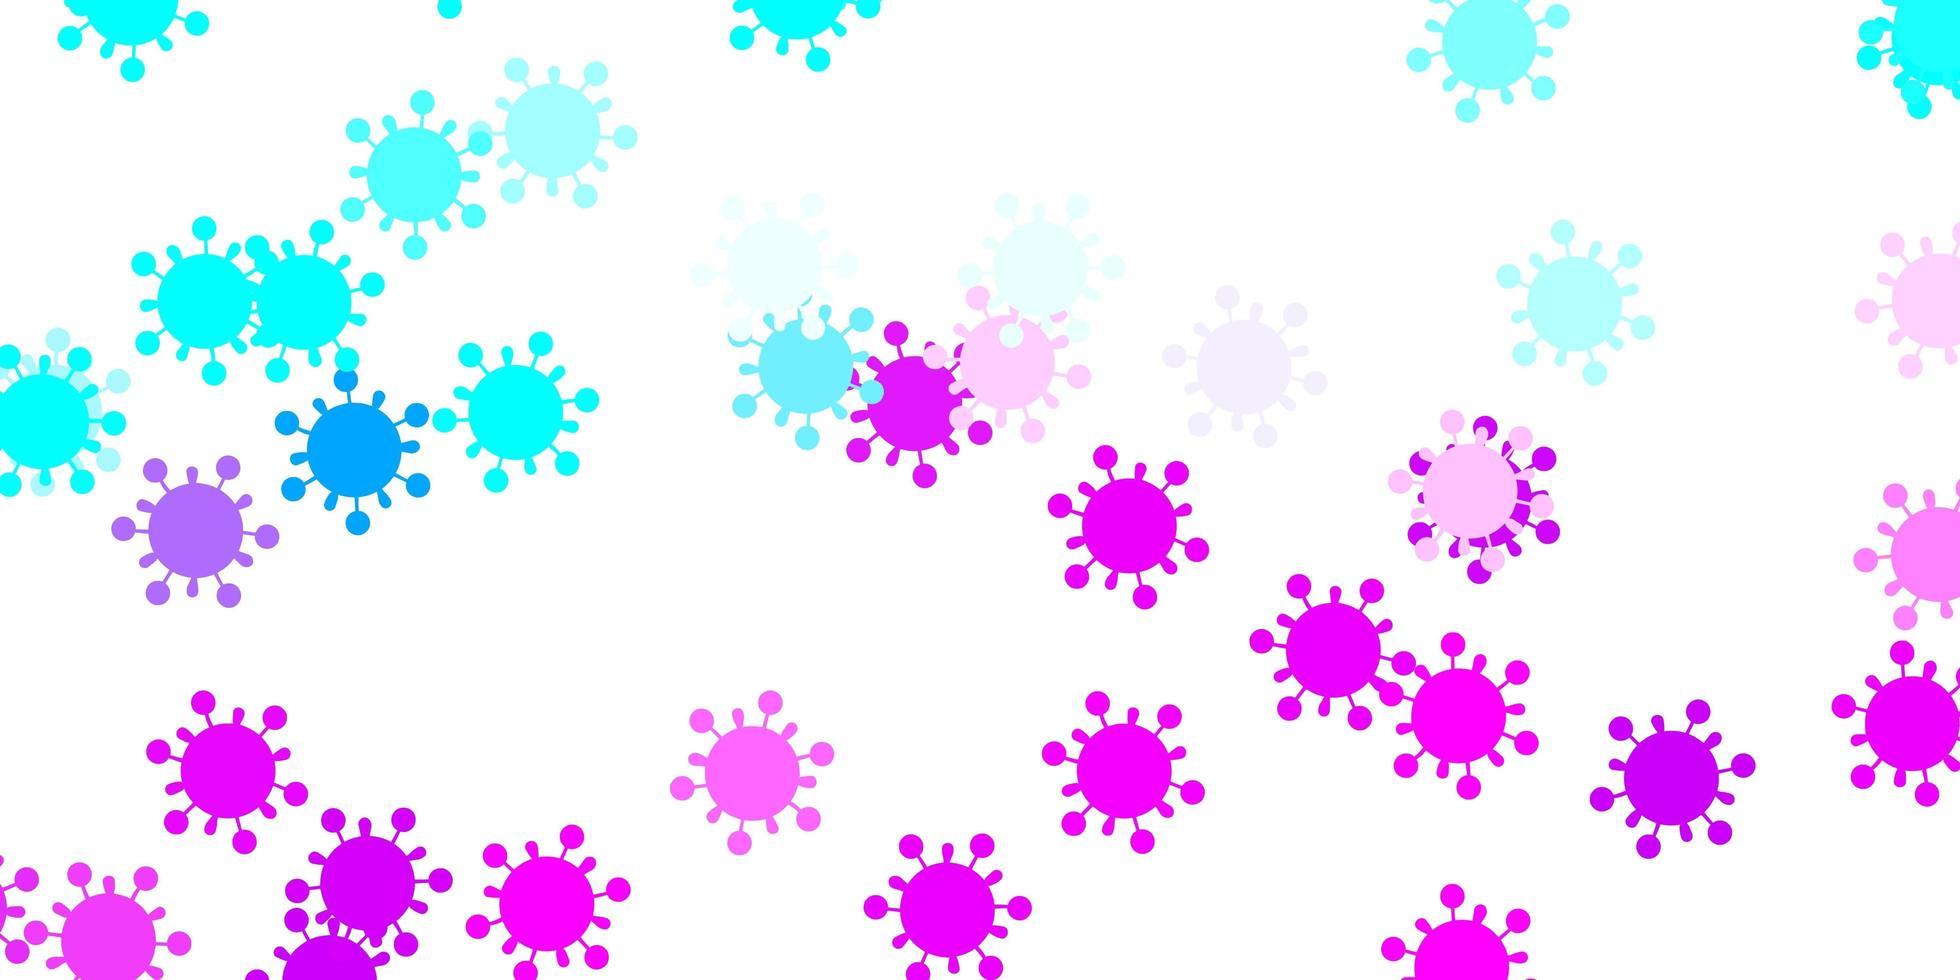 hellrosa, blaue Vektorbeschaffenheit mit Krankheitssymbolen vektor